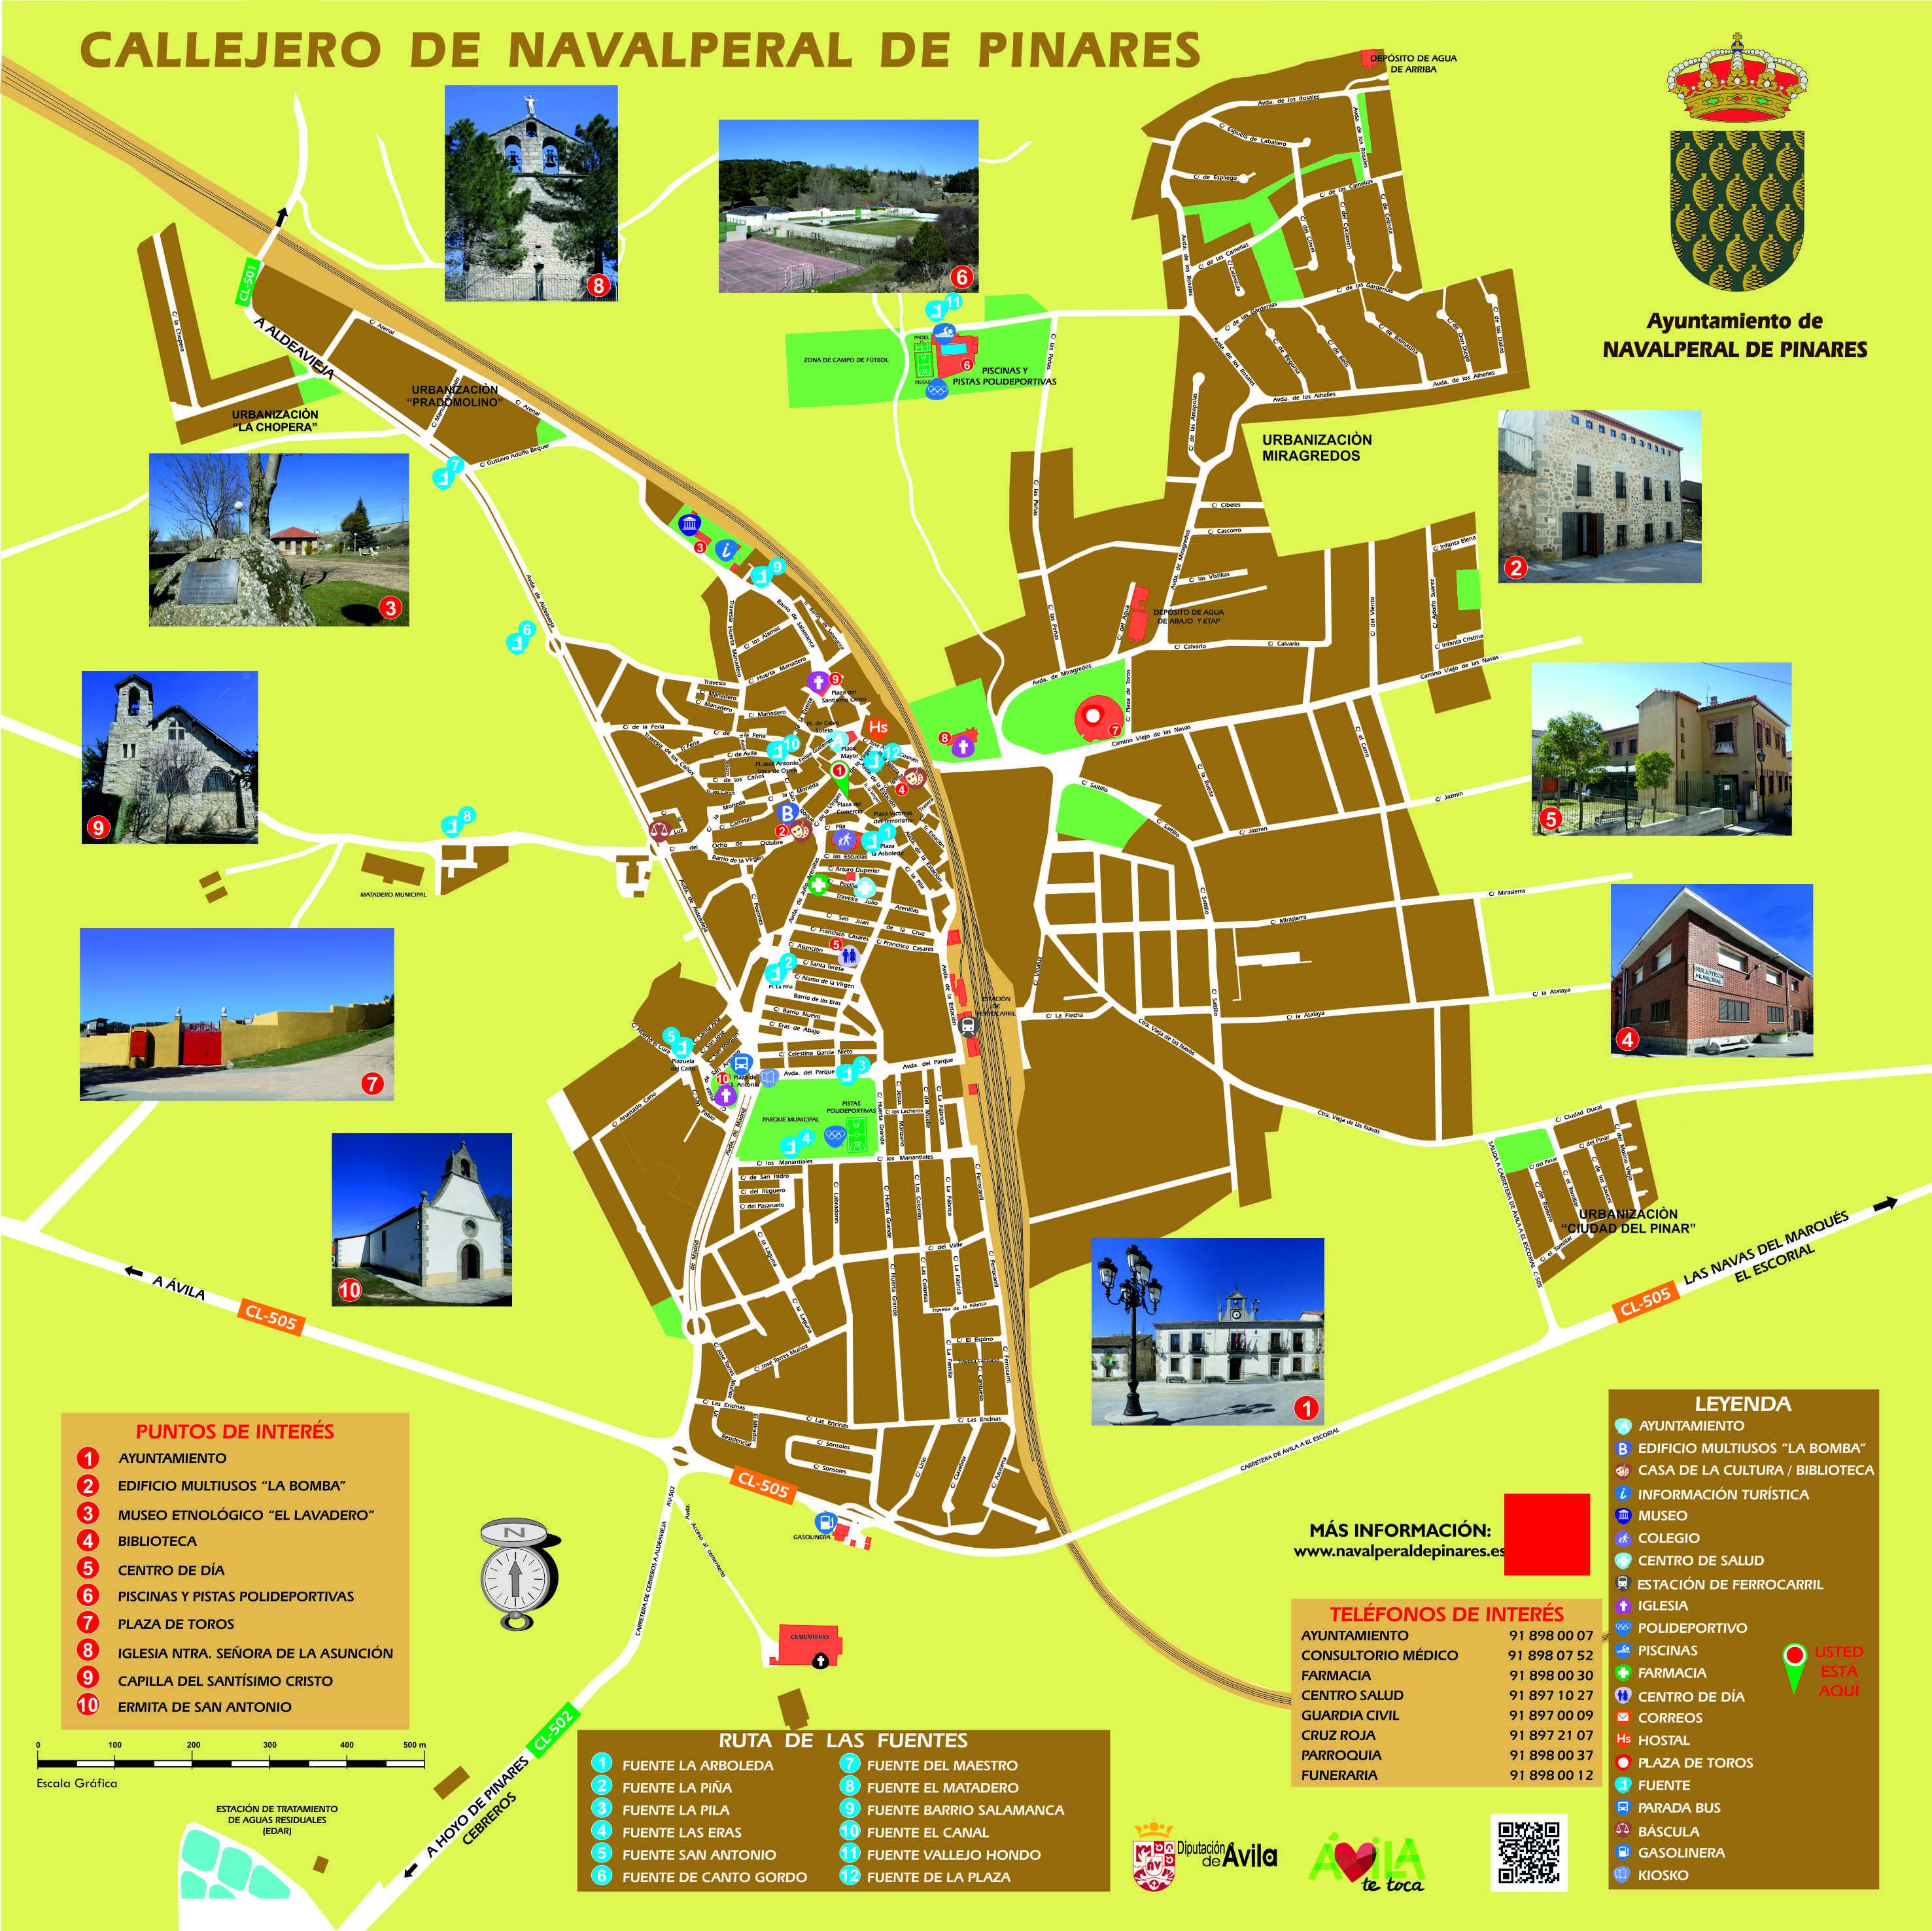 Mapa Turistico De Avila.Callejero Ayuntamiento De Navalperal De Pinares